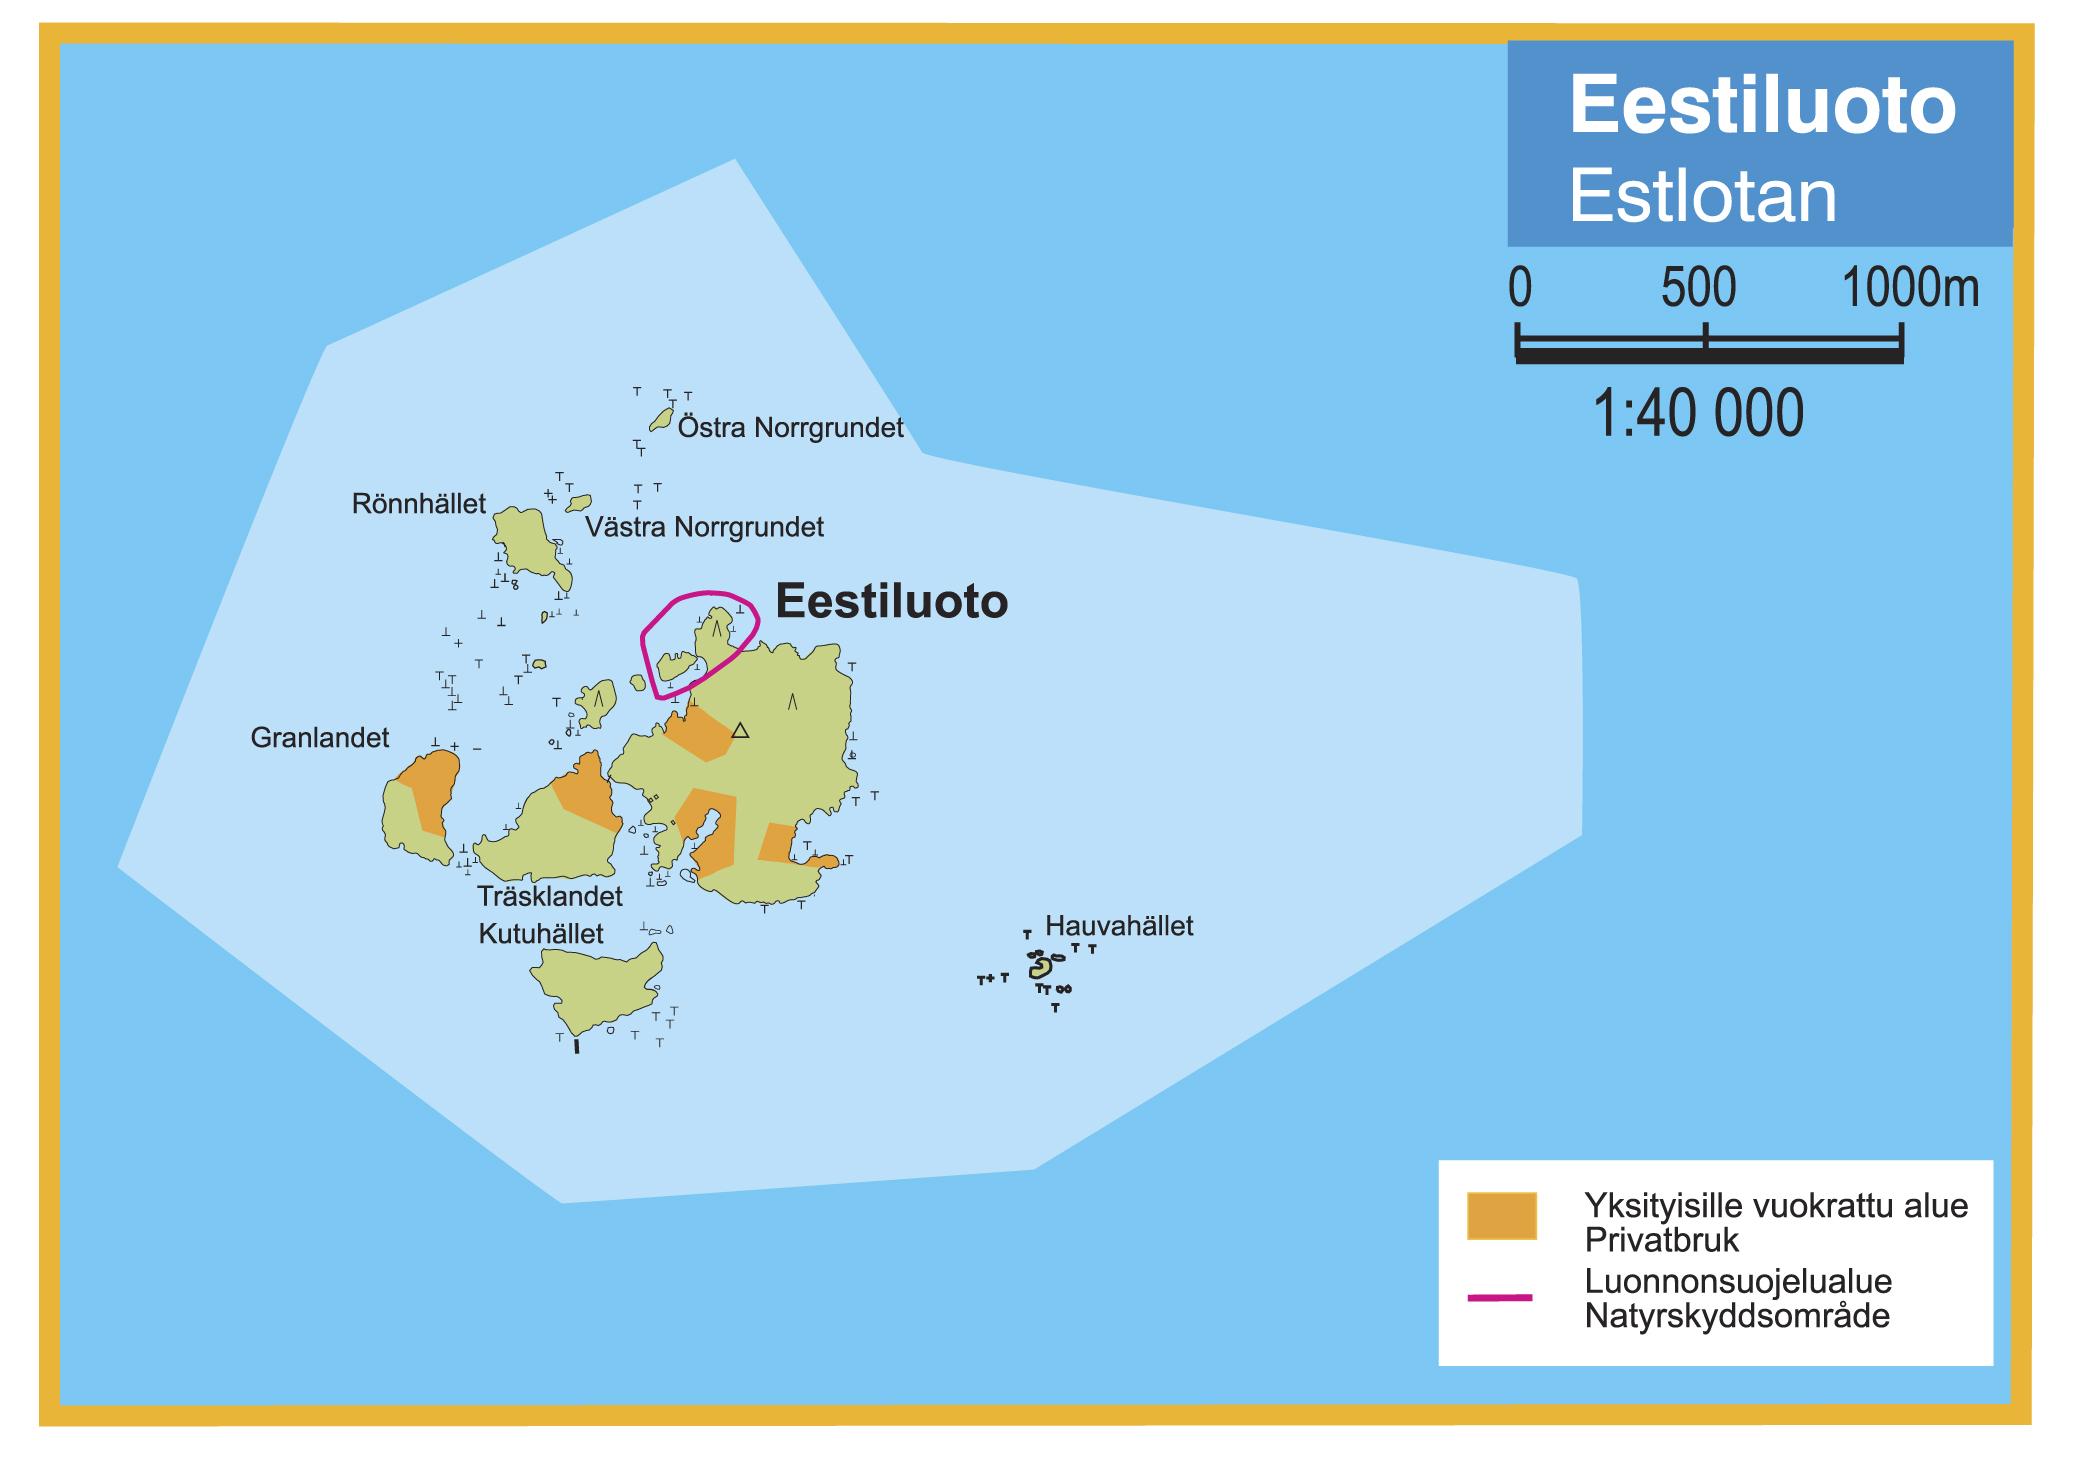 Eestiluoto